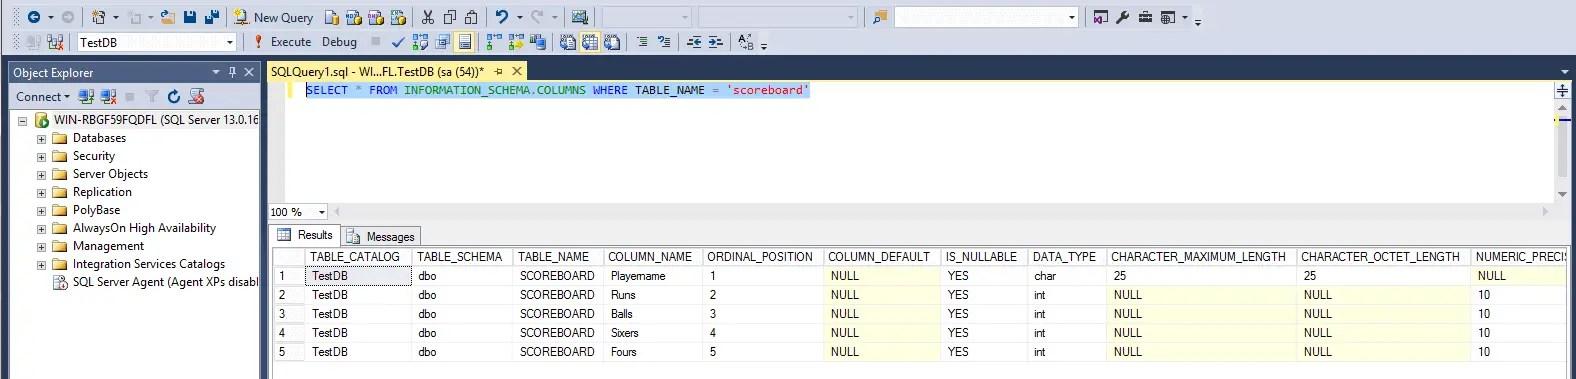 SQL Information Schema